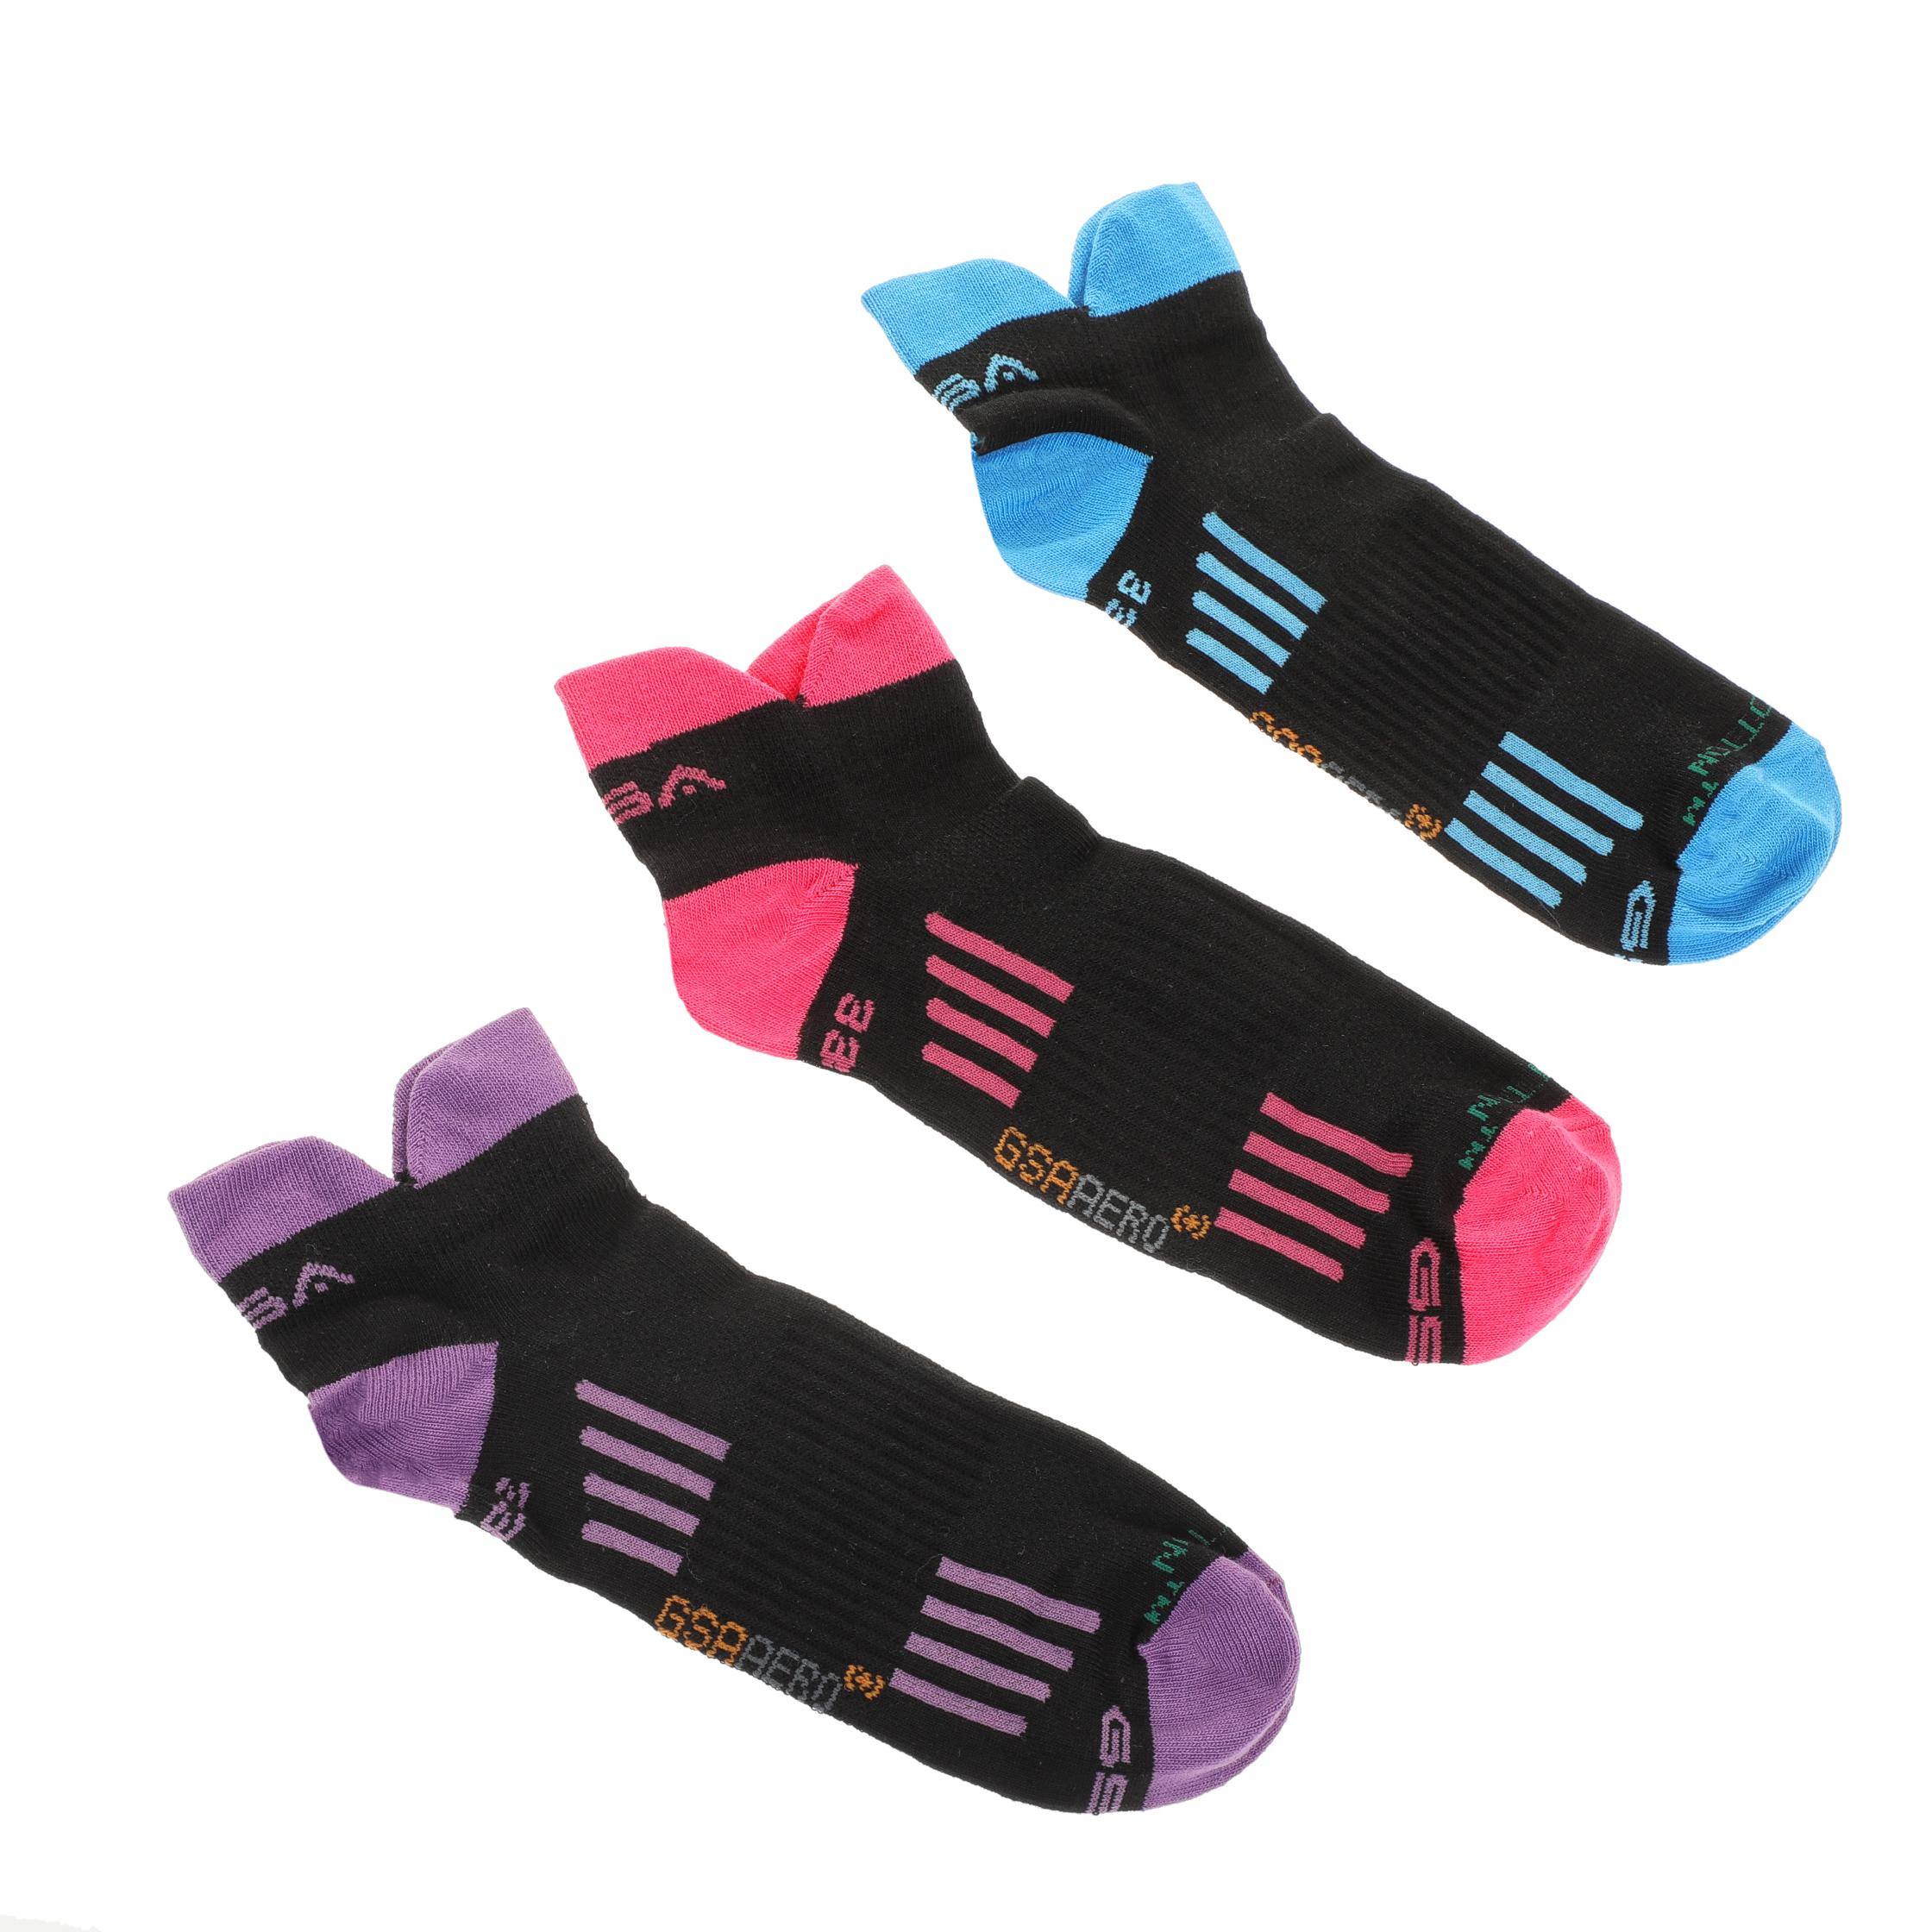 GSA - Σετ γυναικείες κάλτσες GSA AERO 330 TRAINER γυναικεία αξεσουάρ κάλτσες